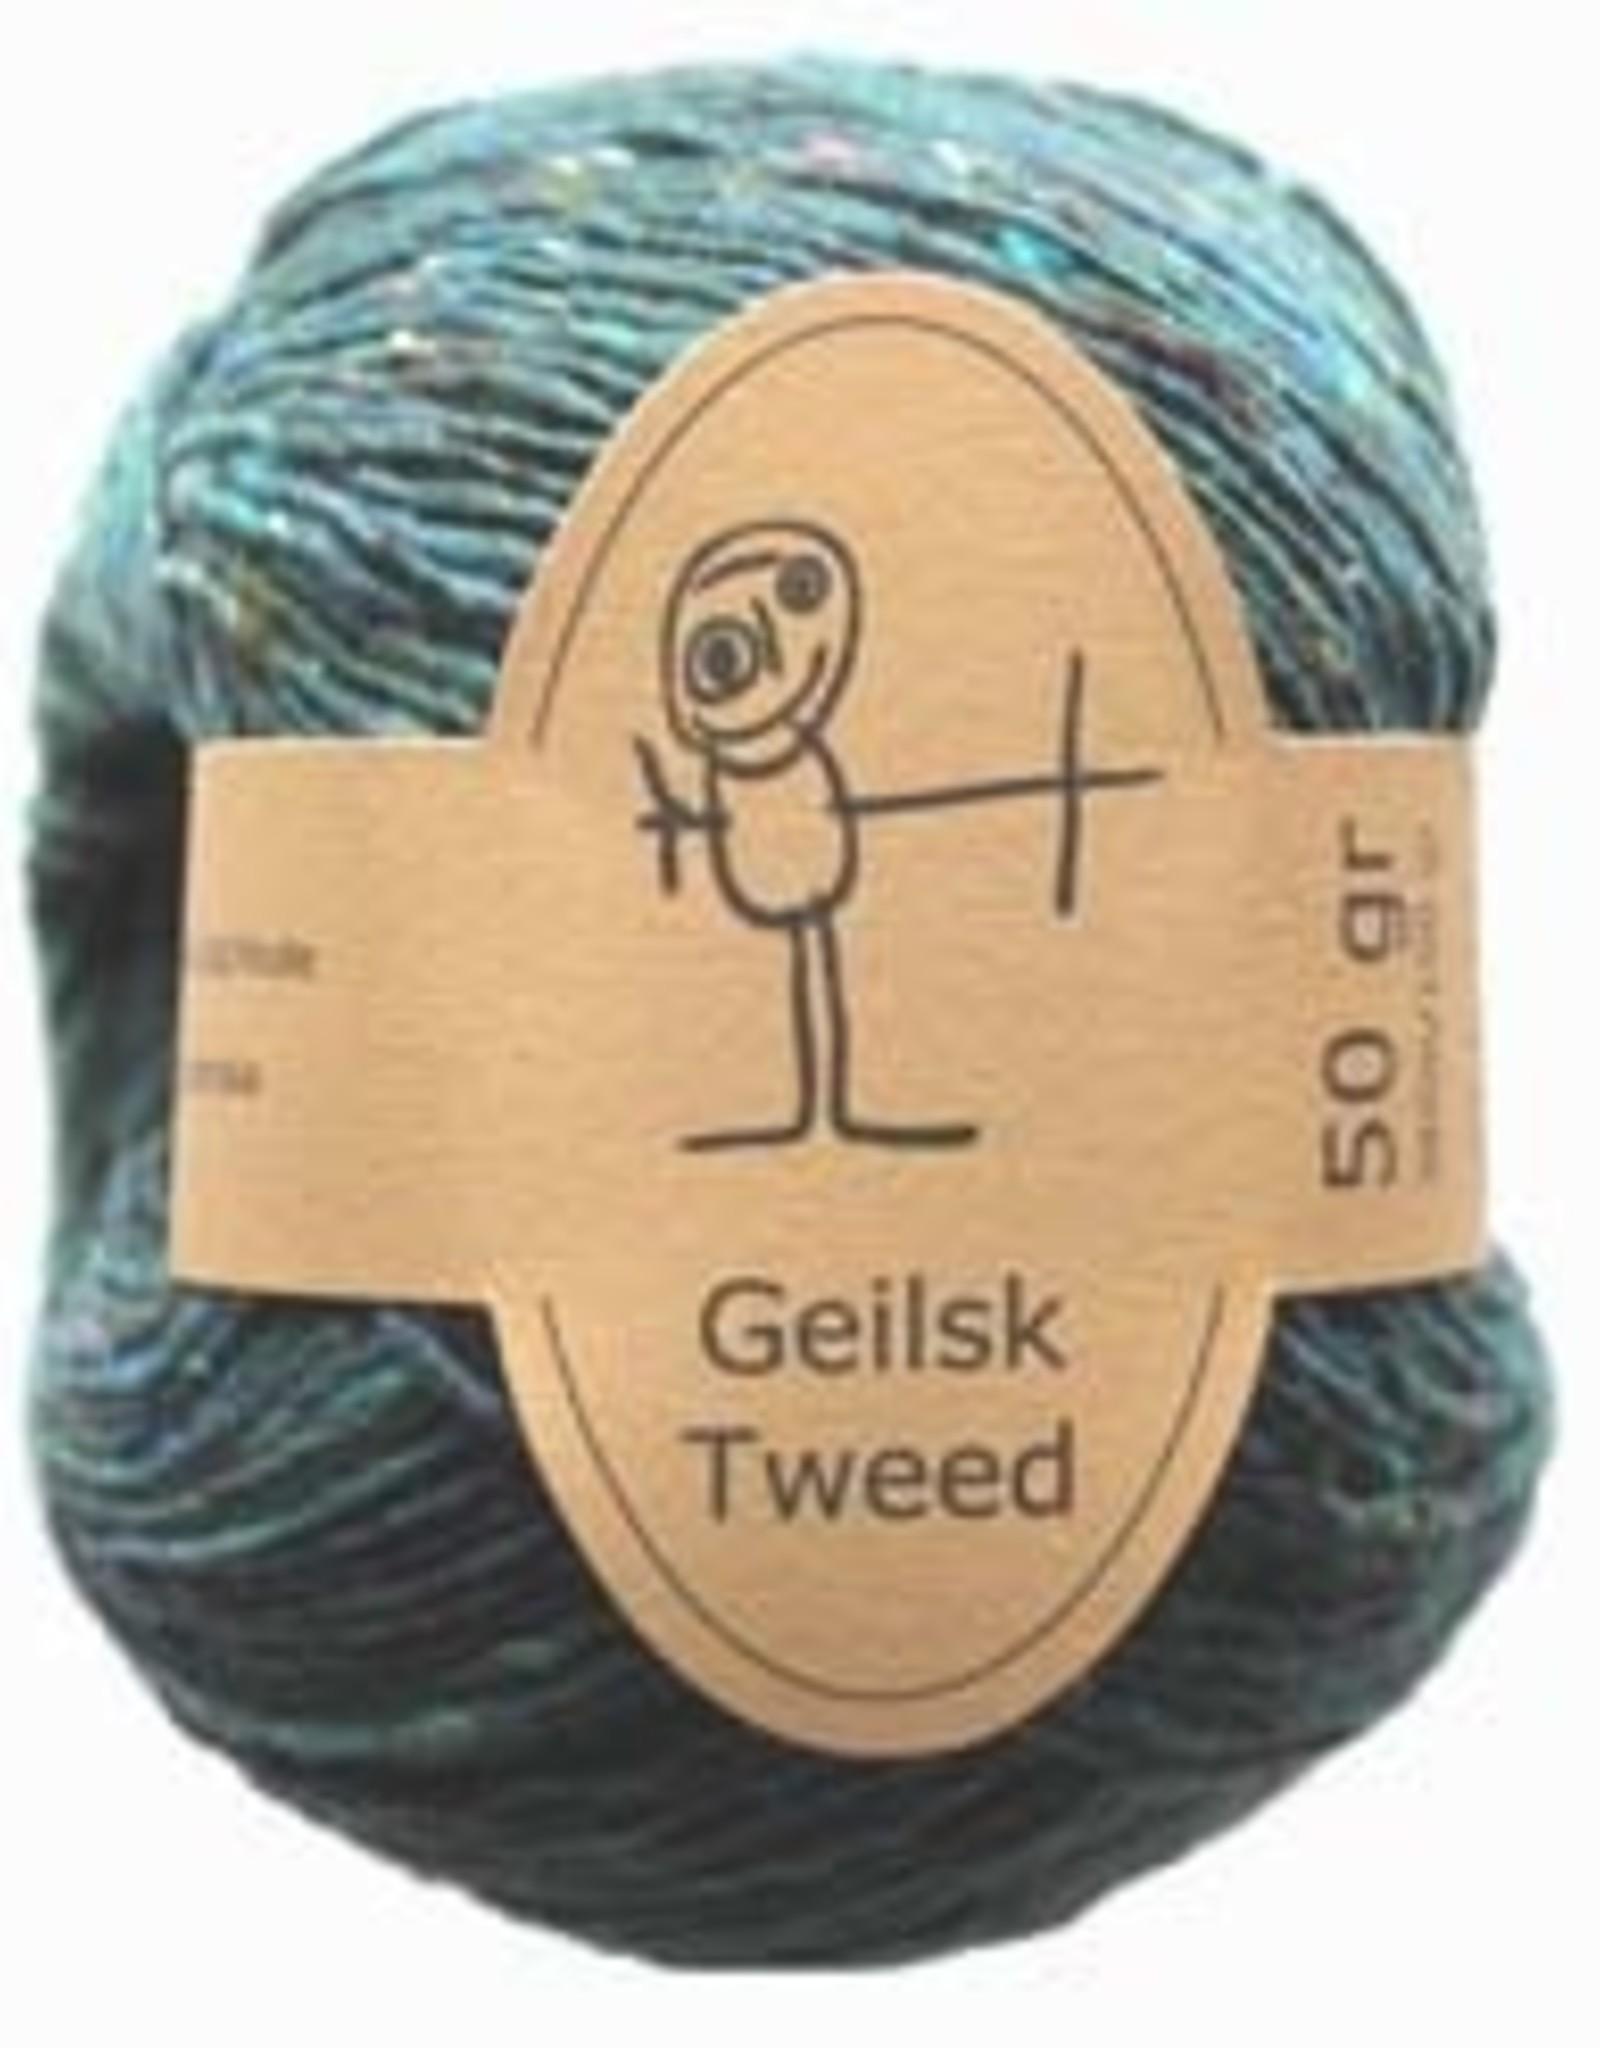 Geilsk Geilsk Tweed